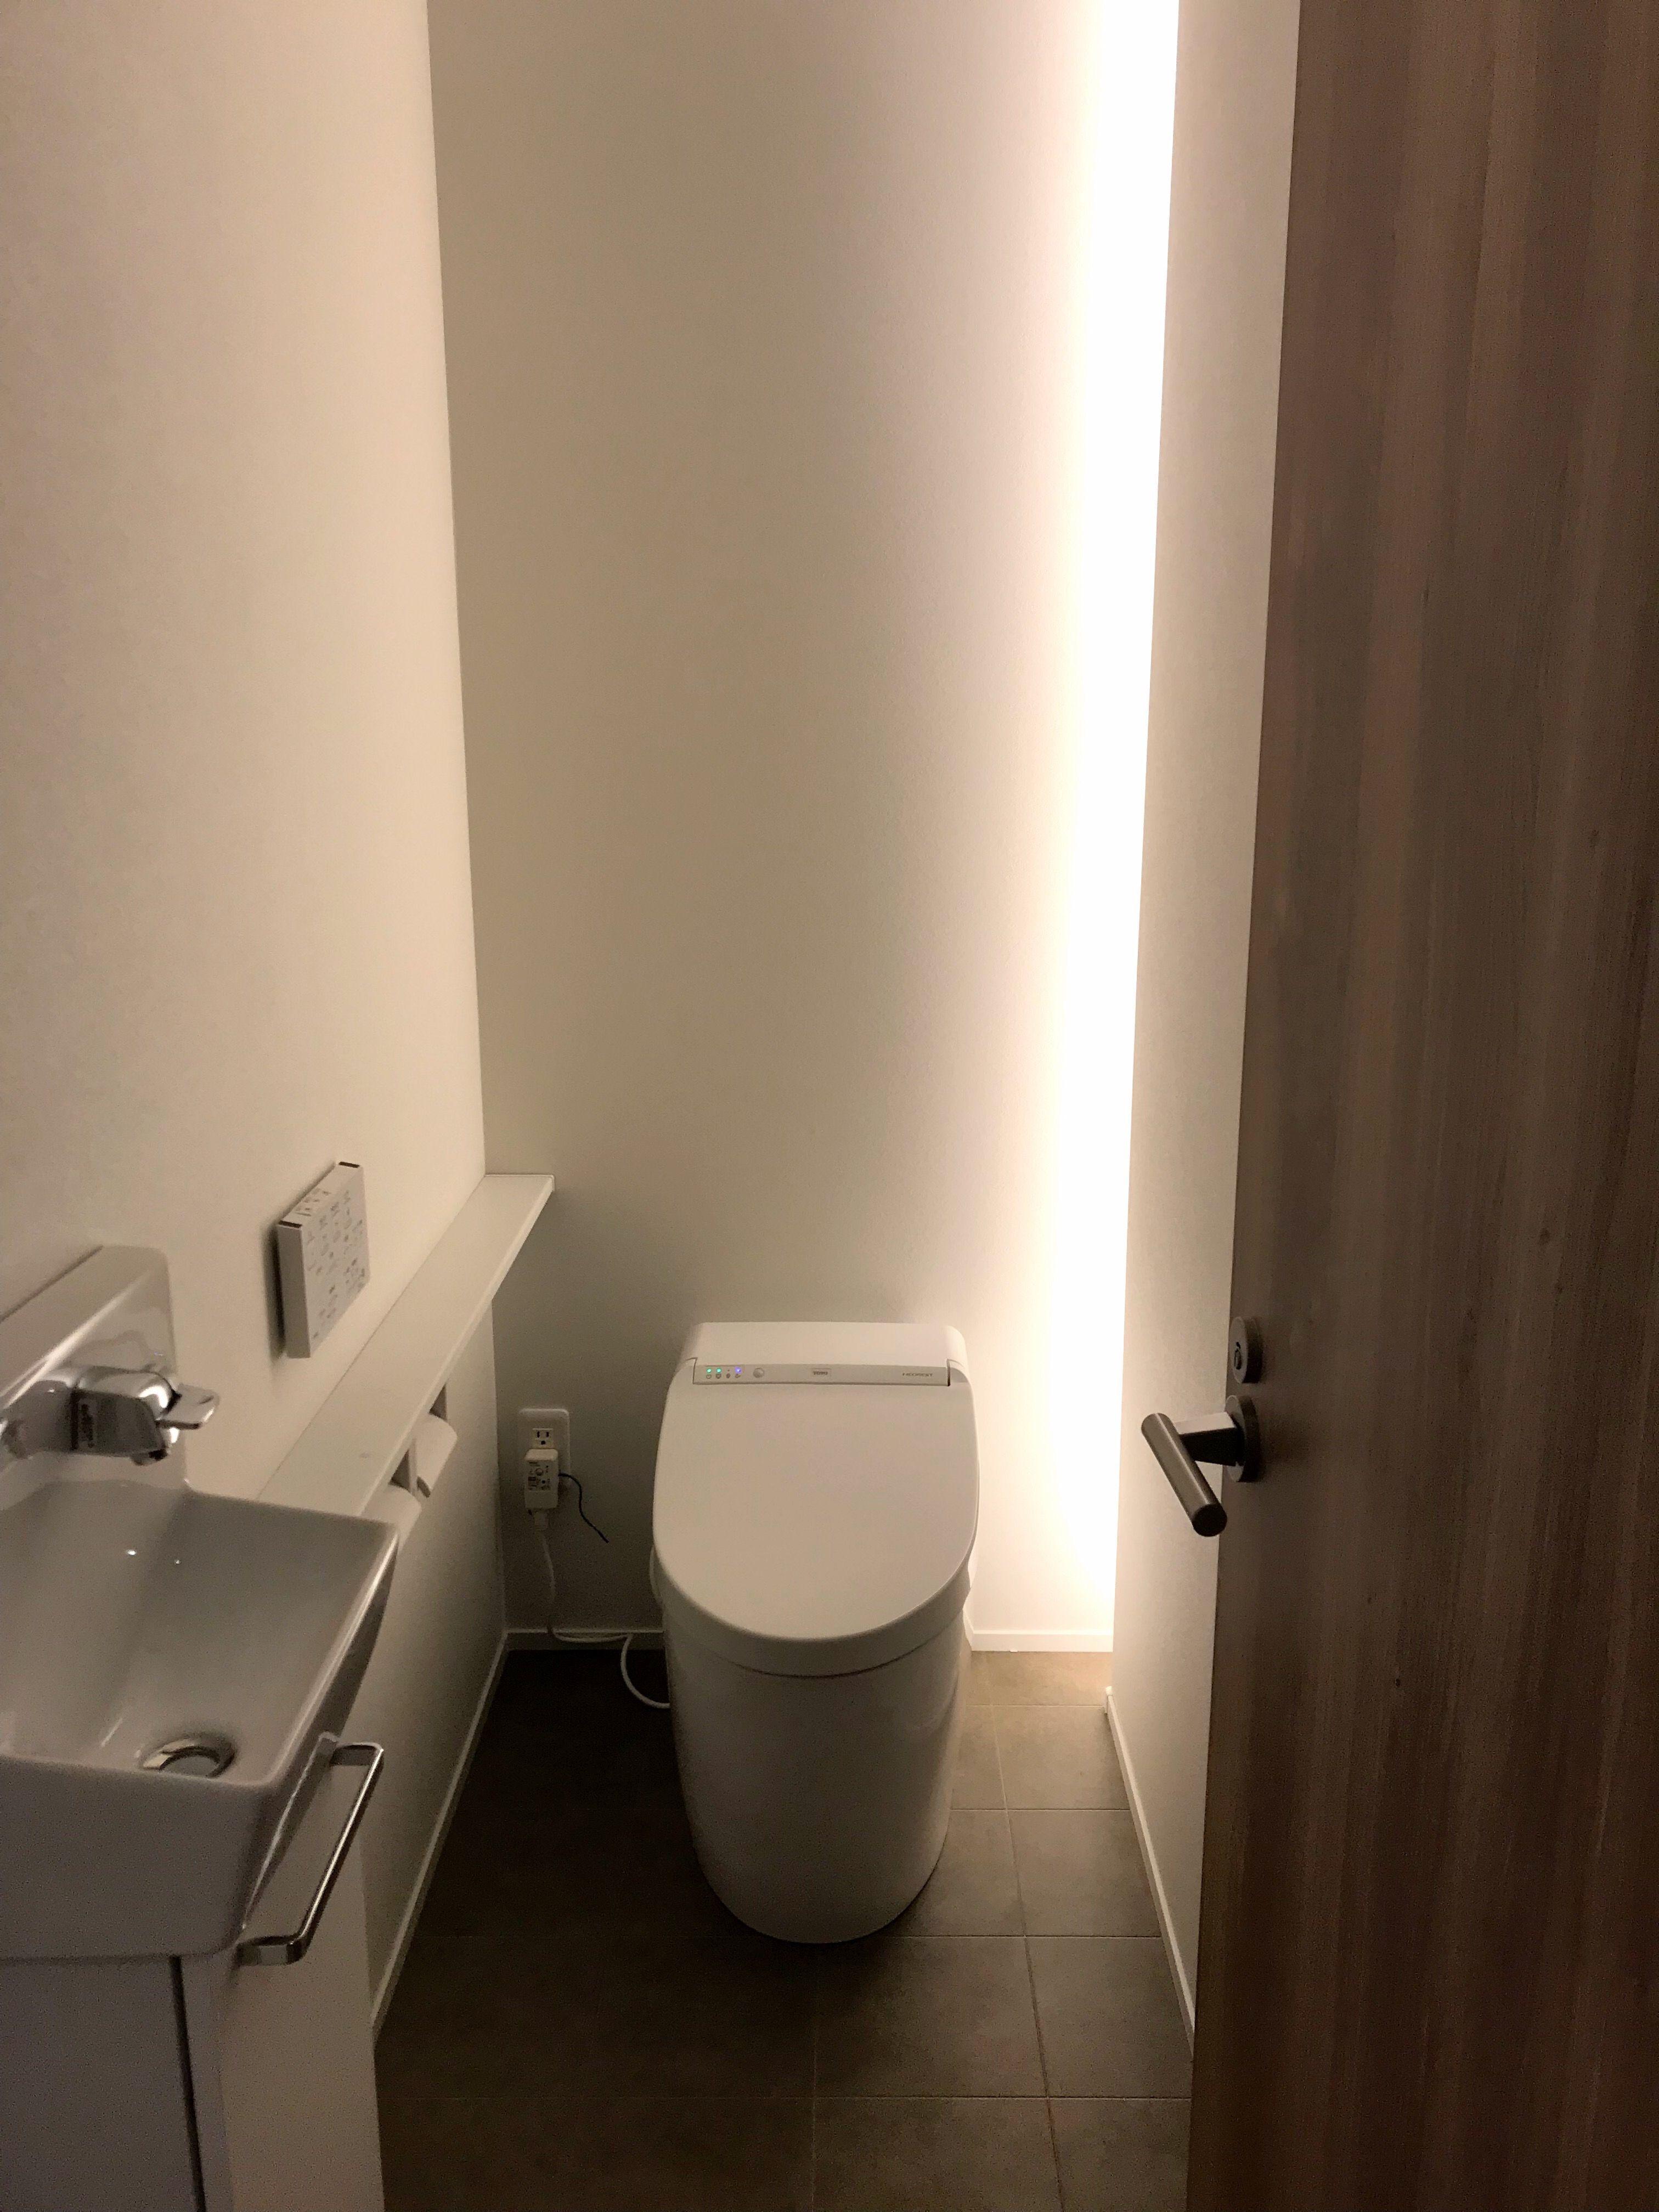 トイレ 間接照明 オシャレ 家 住宅 トイレ